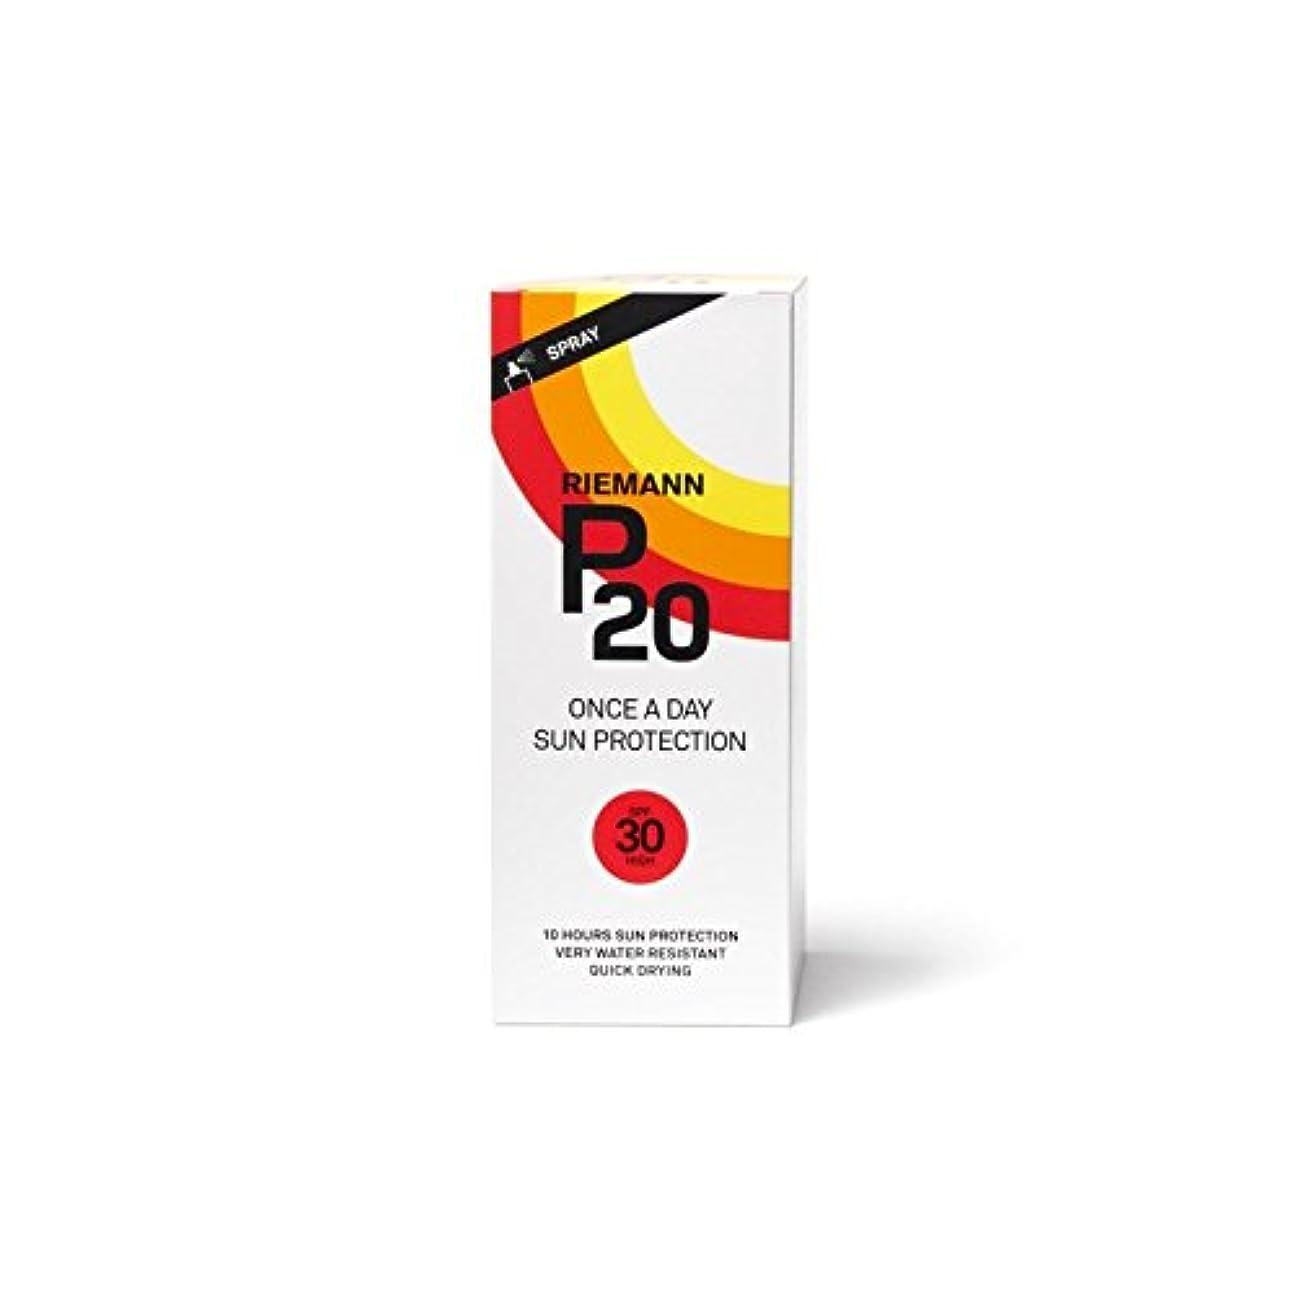 常習者課税活発Riemann P20 Sun Filter 200ml SPF30 (Pack of 6) - リーマン20のサンフィルター200ミリリットル30 x6 [並行輸入品]